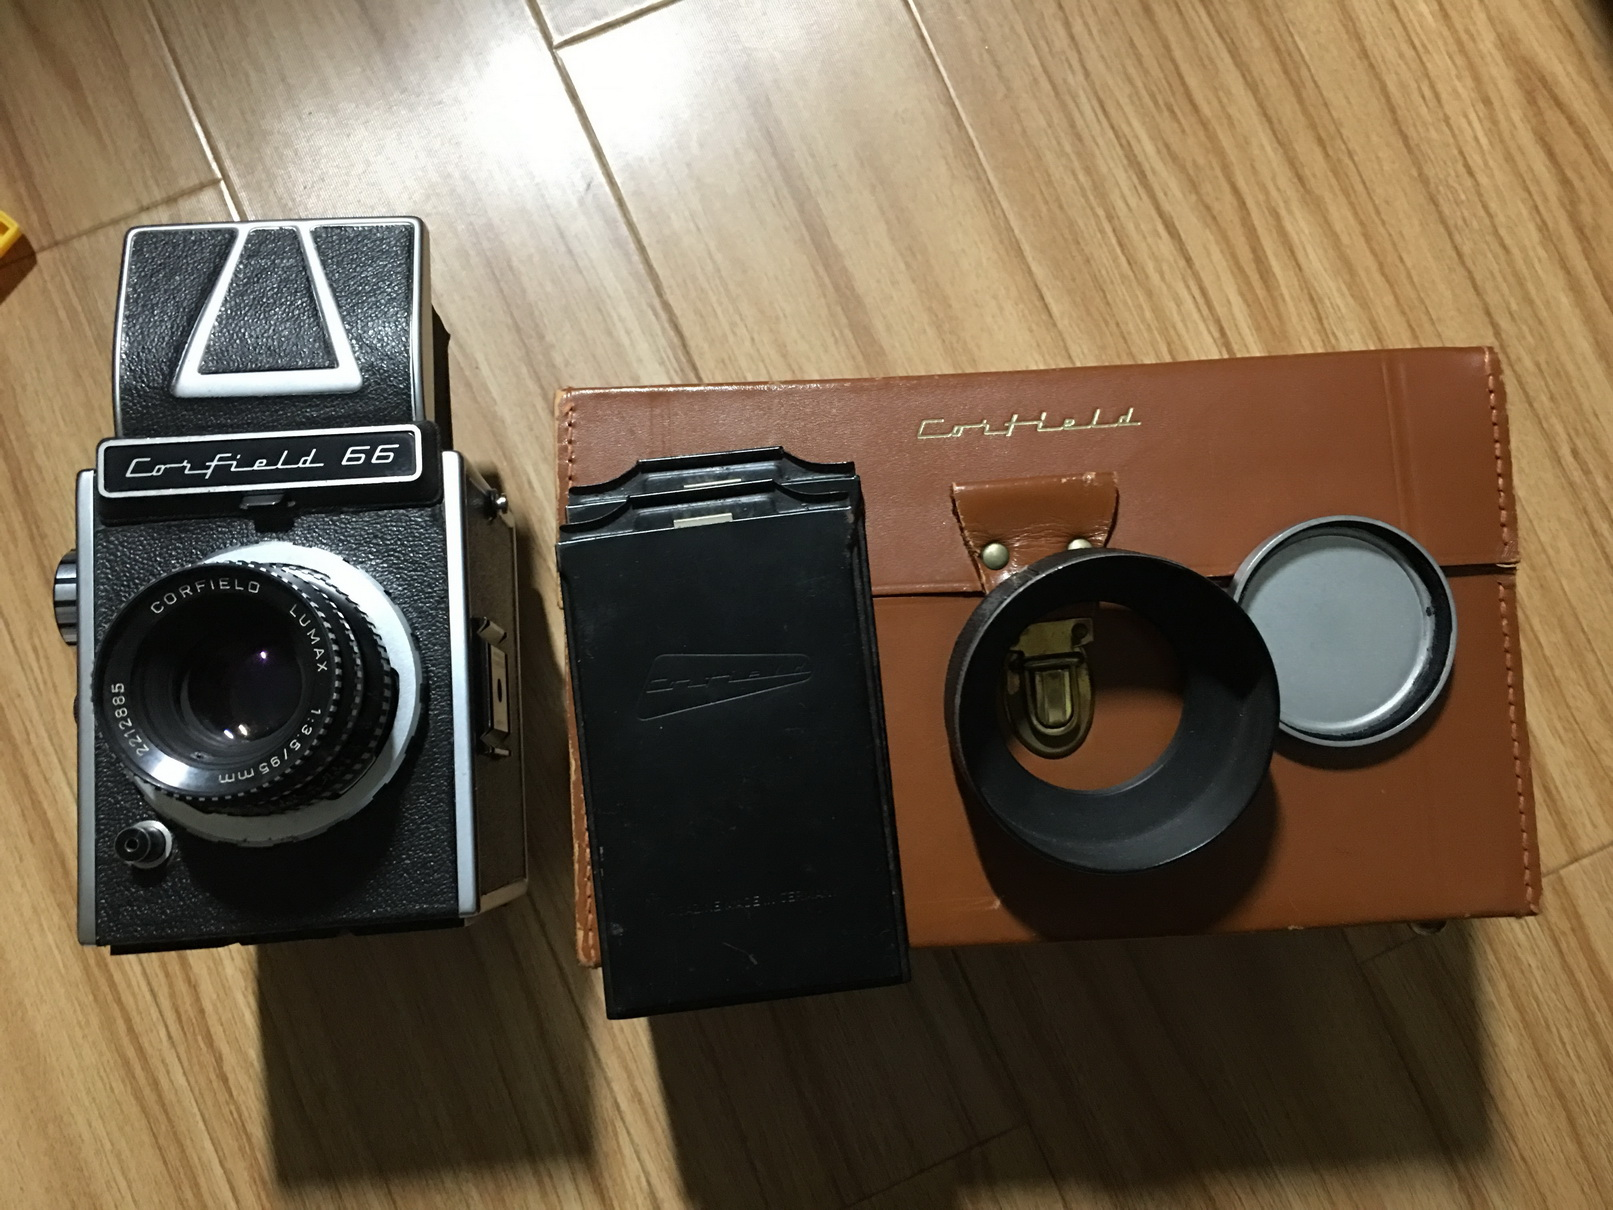 英国Corfield 66中画幅相机